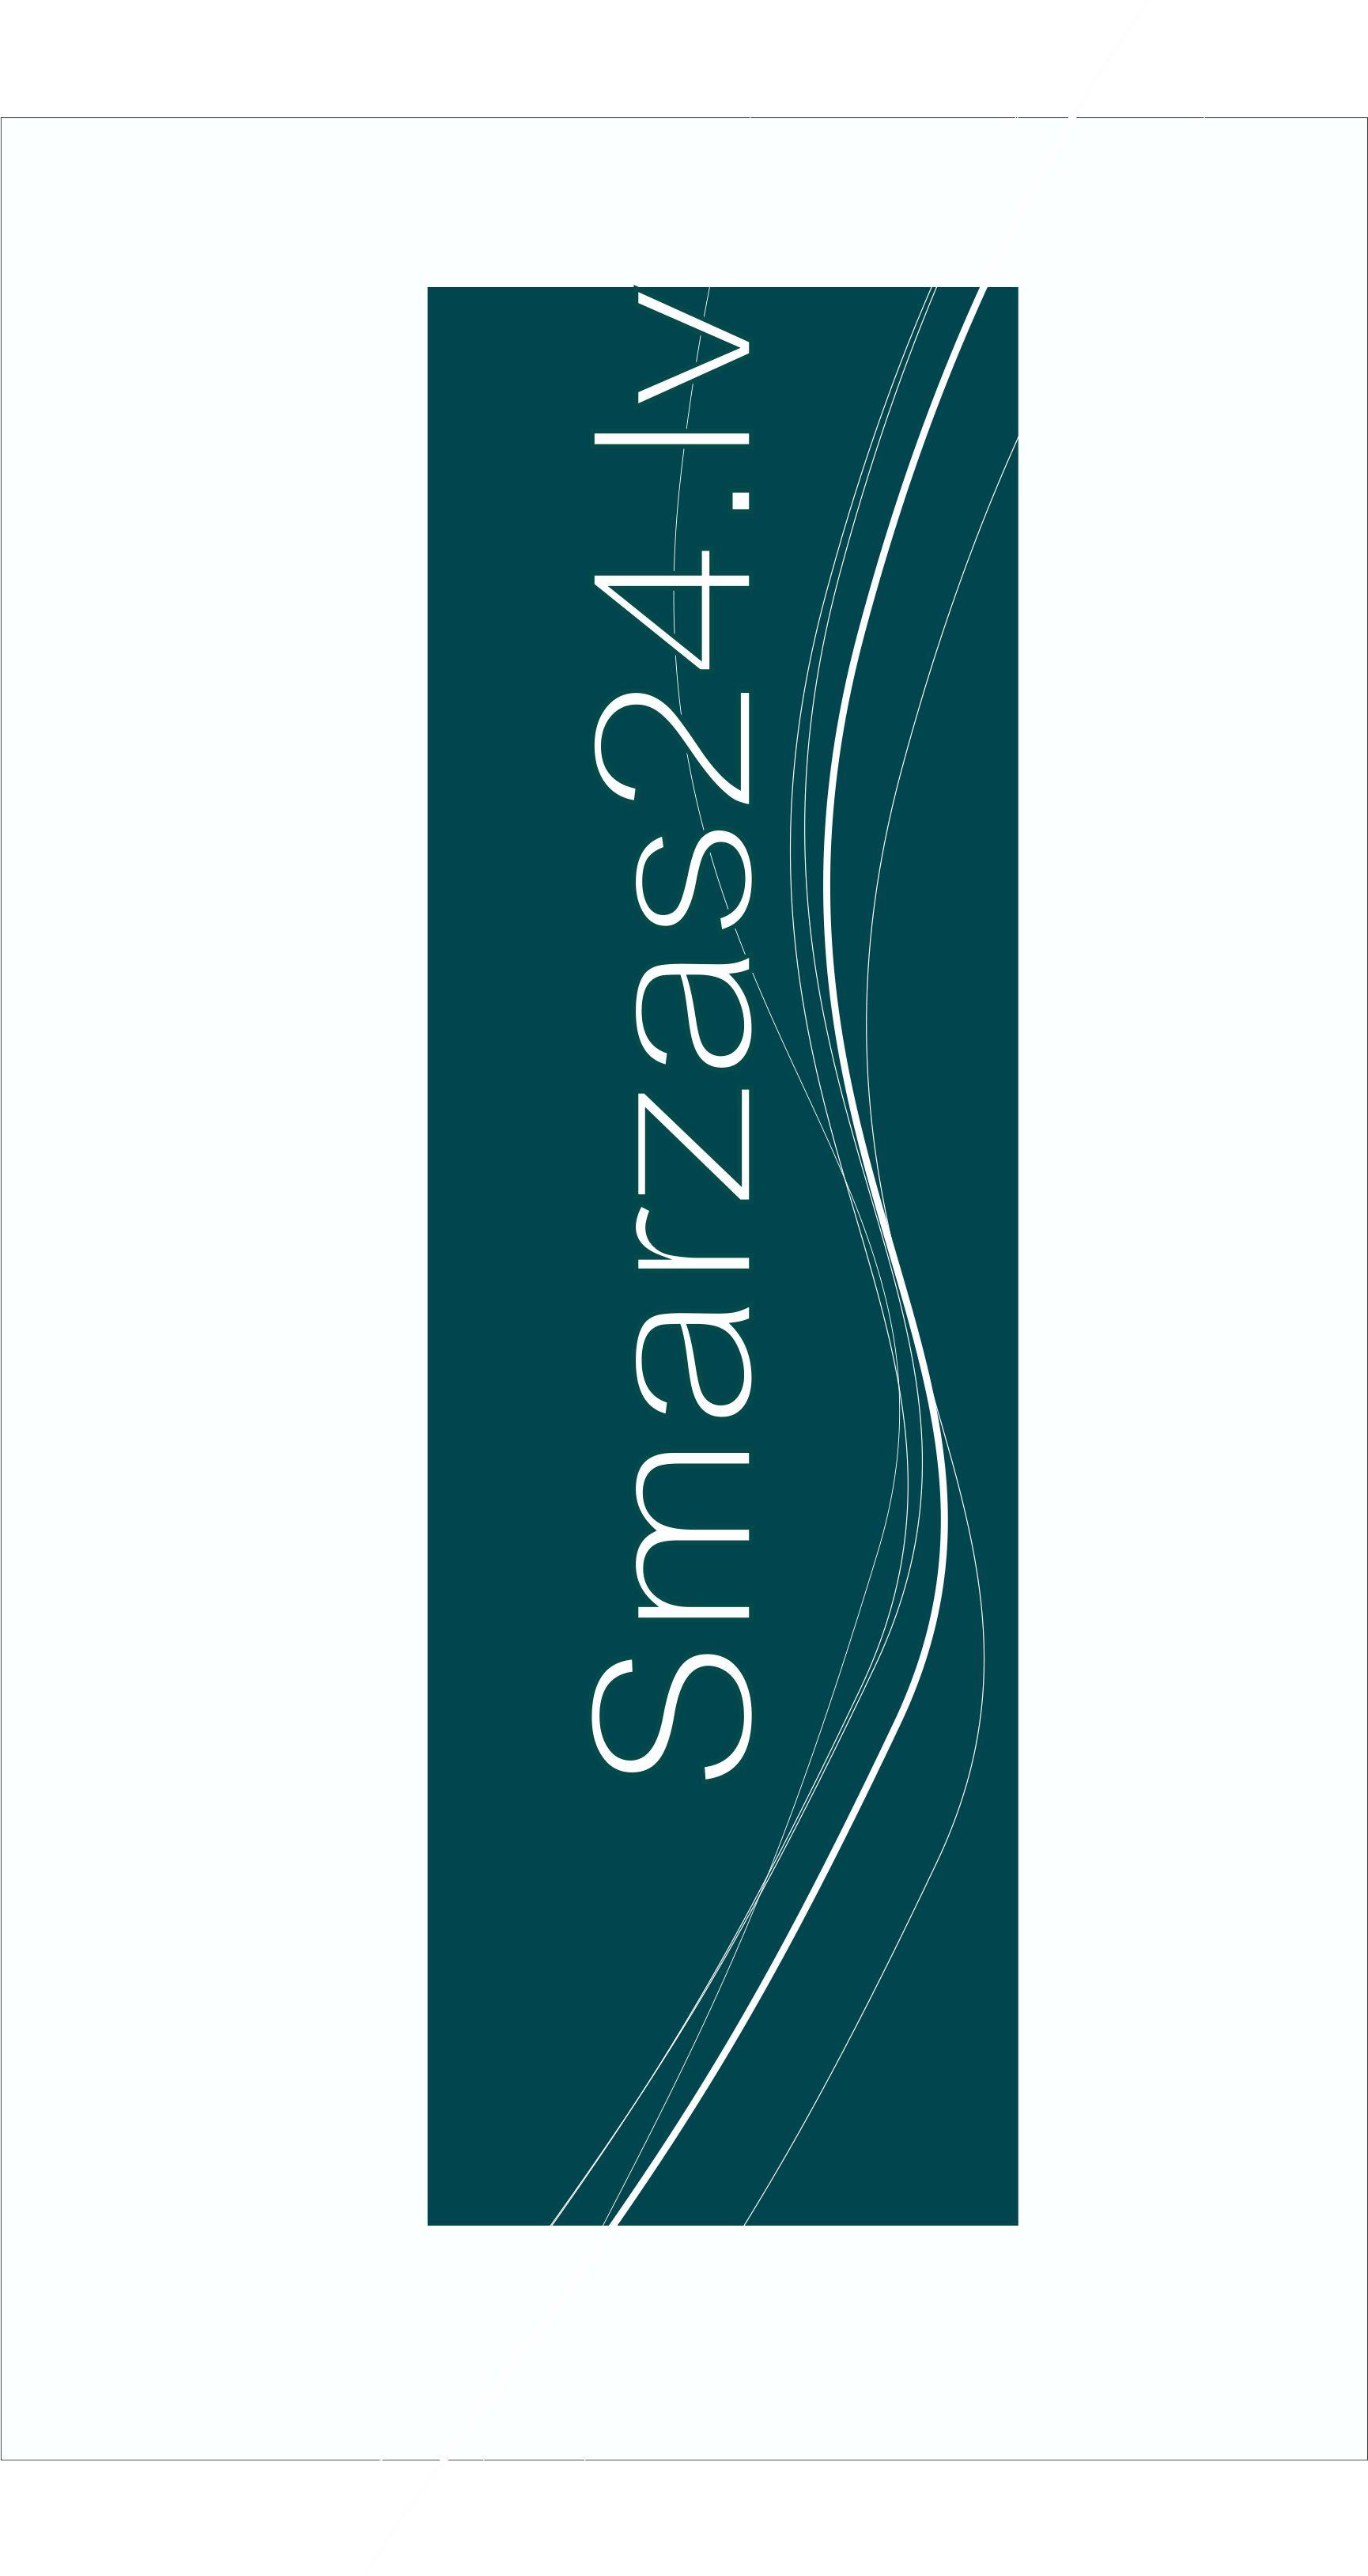 Логотип для smarzas24.lv - дизайнер marat_1958